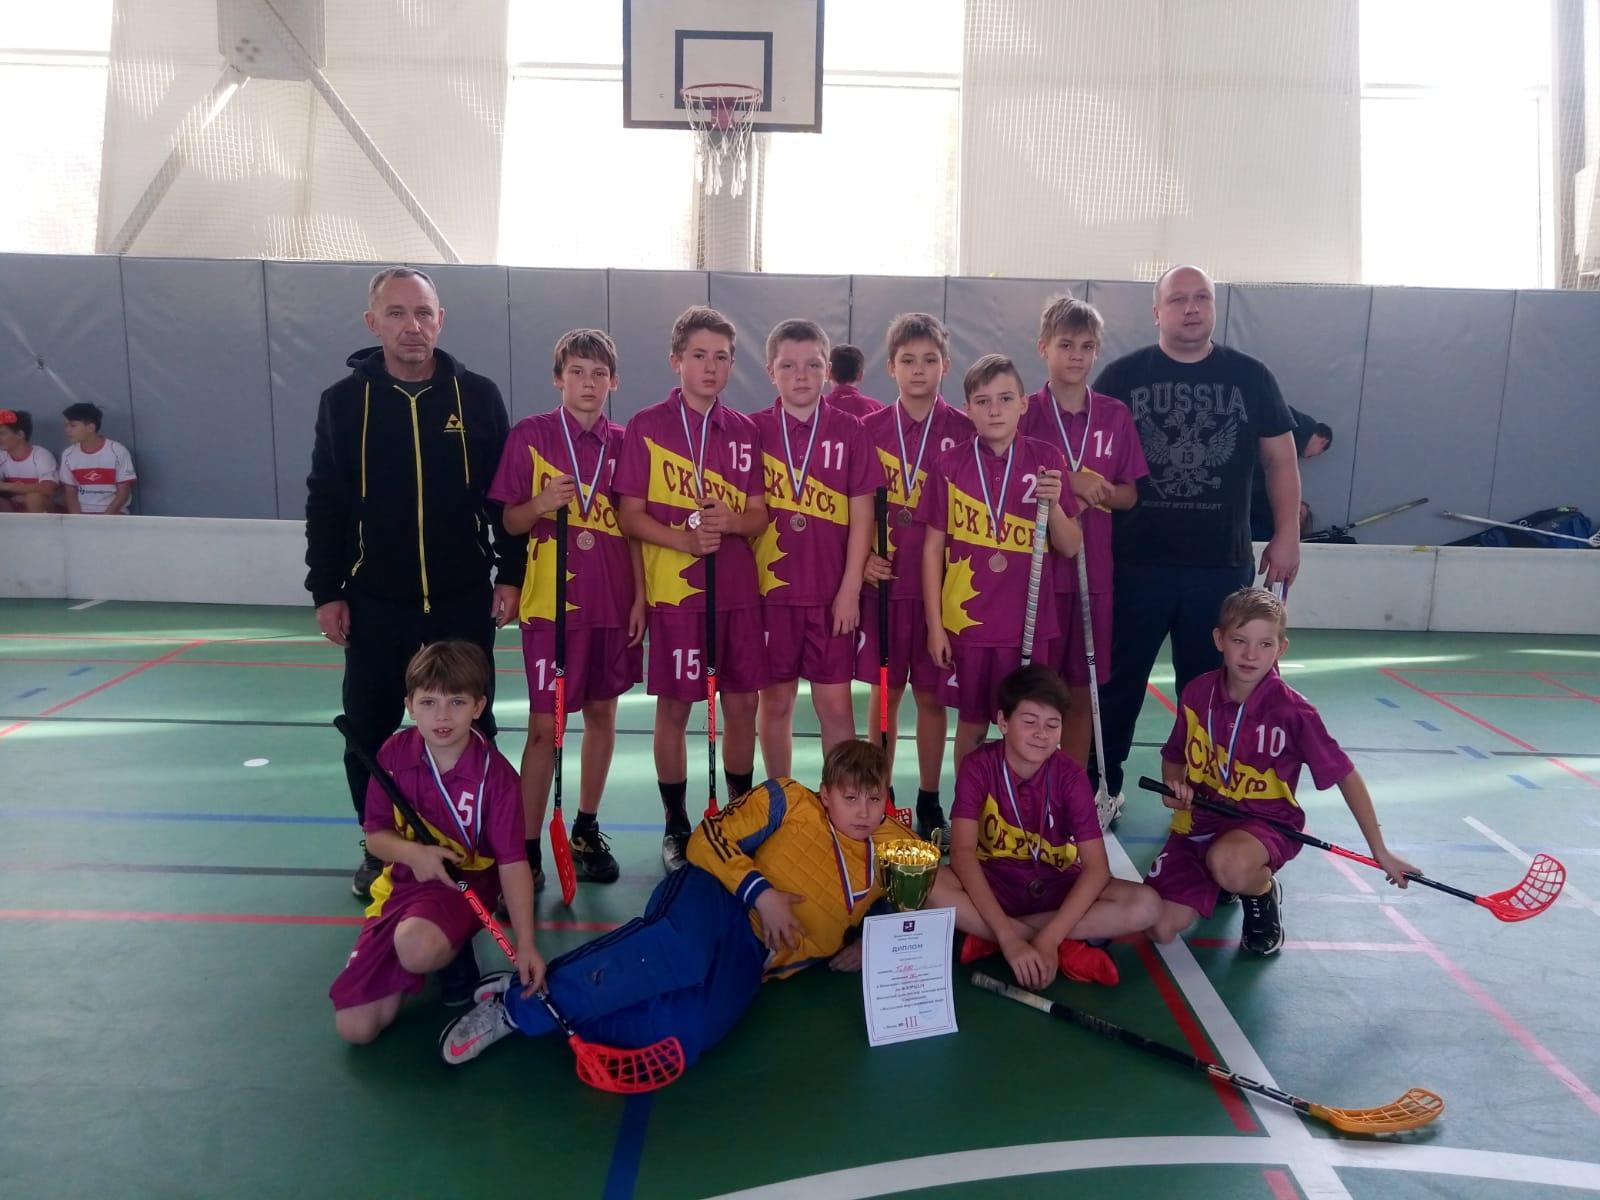 Спортсмены из Кленовского завоевали победу в финальных соревнованиях по флорболу